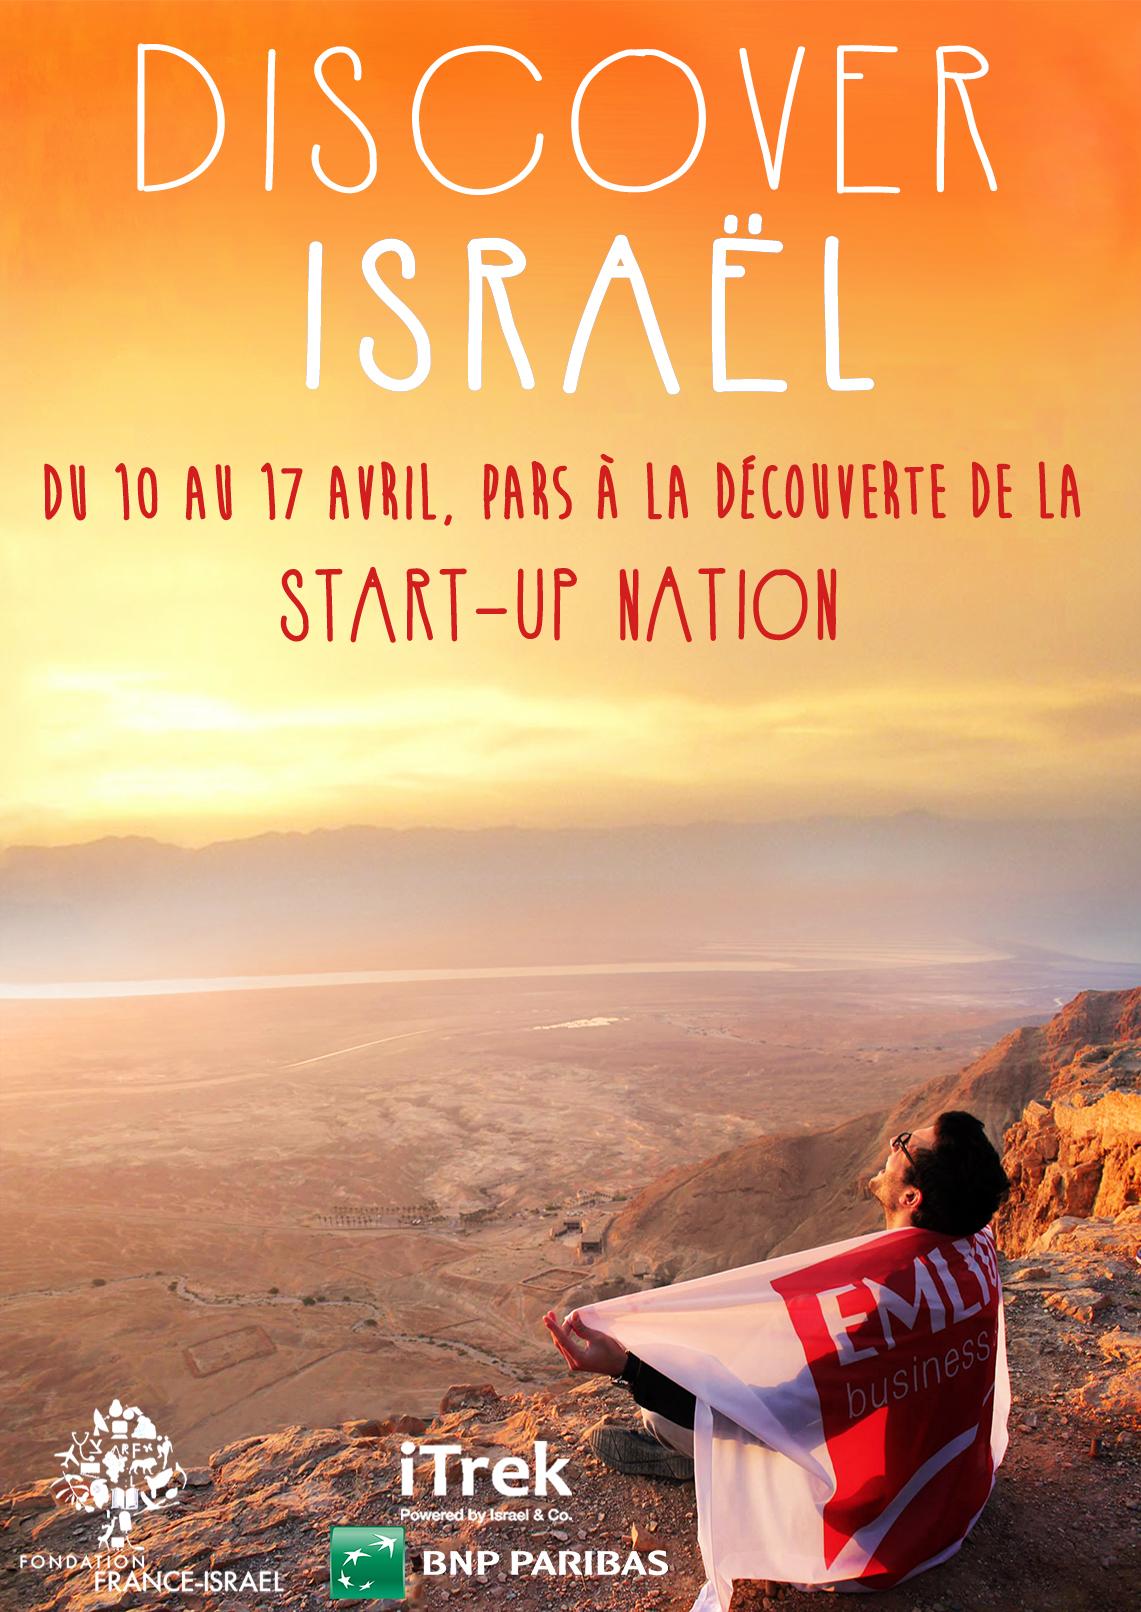 Discover Israël : emlyon business school à la découverte de la Start-Up Nation